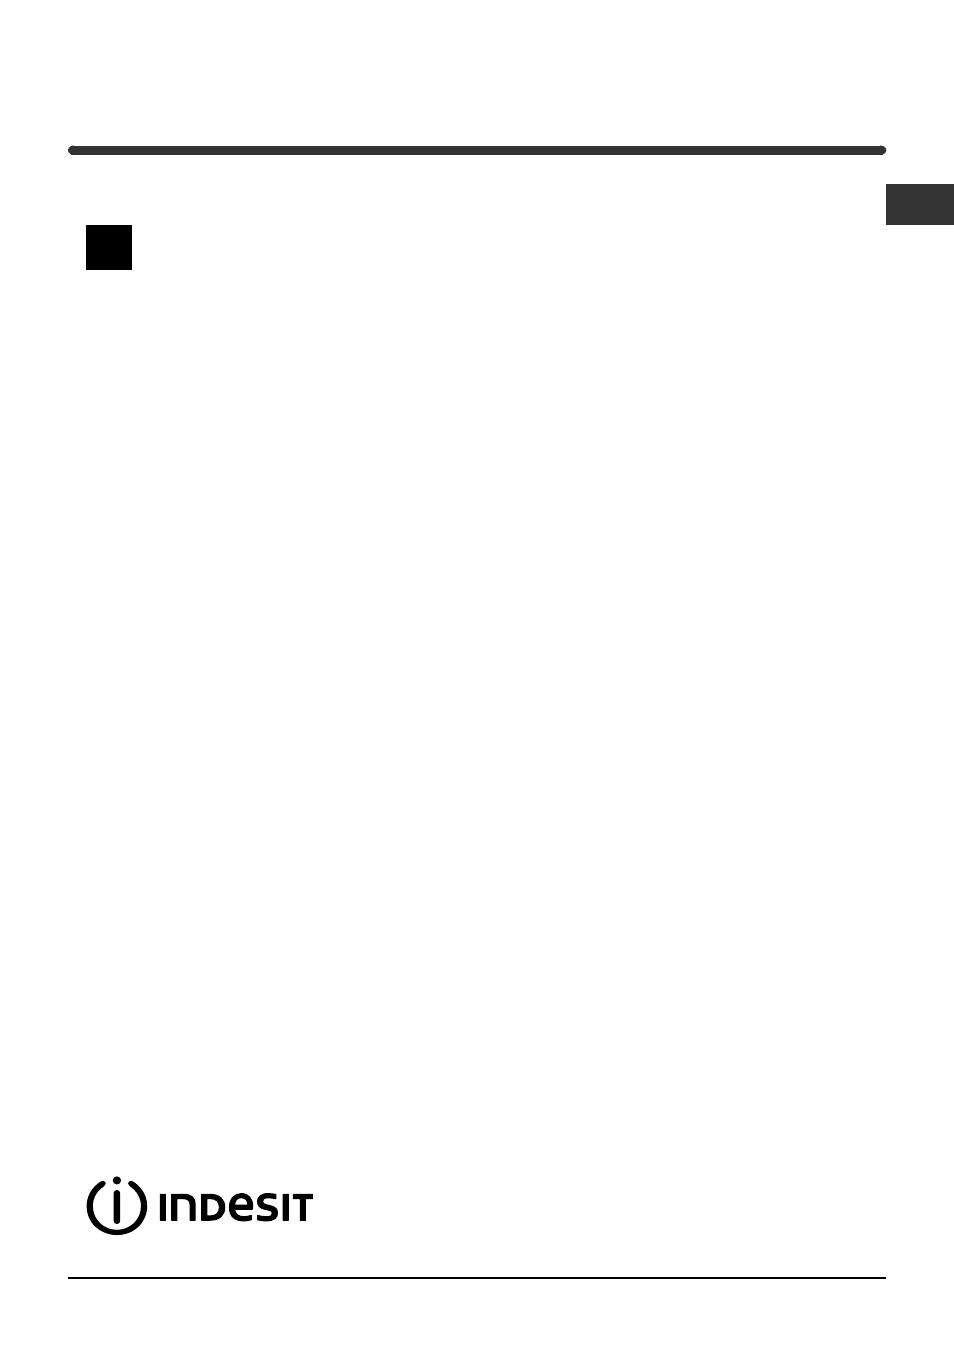 Стиральная Машина Indesit Witl 106 инструкция - картинка 1